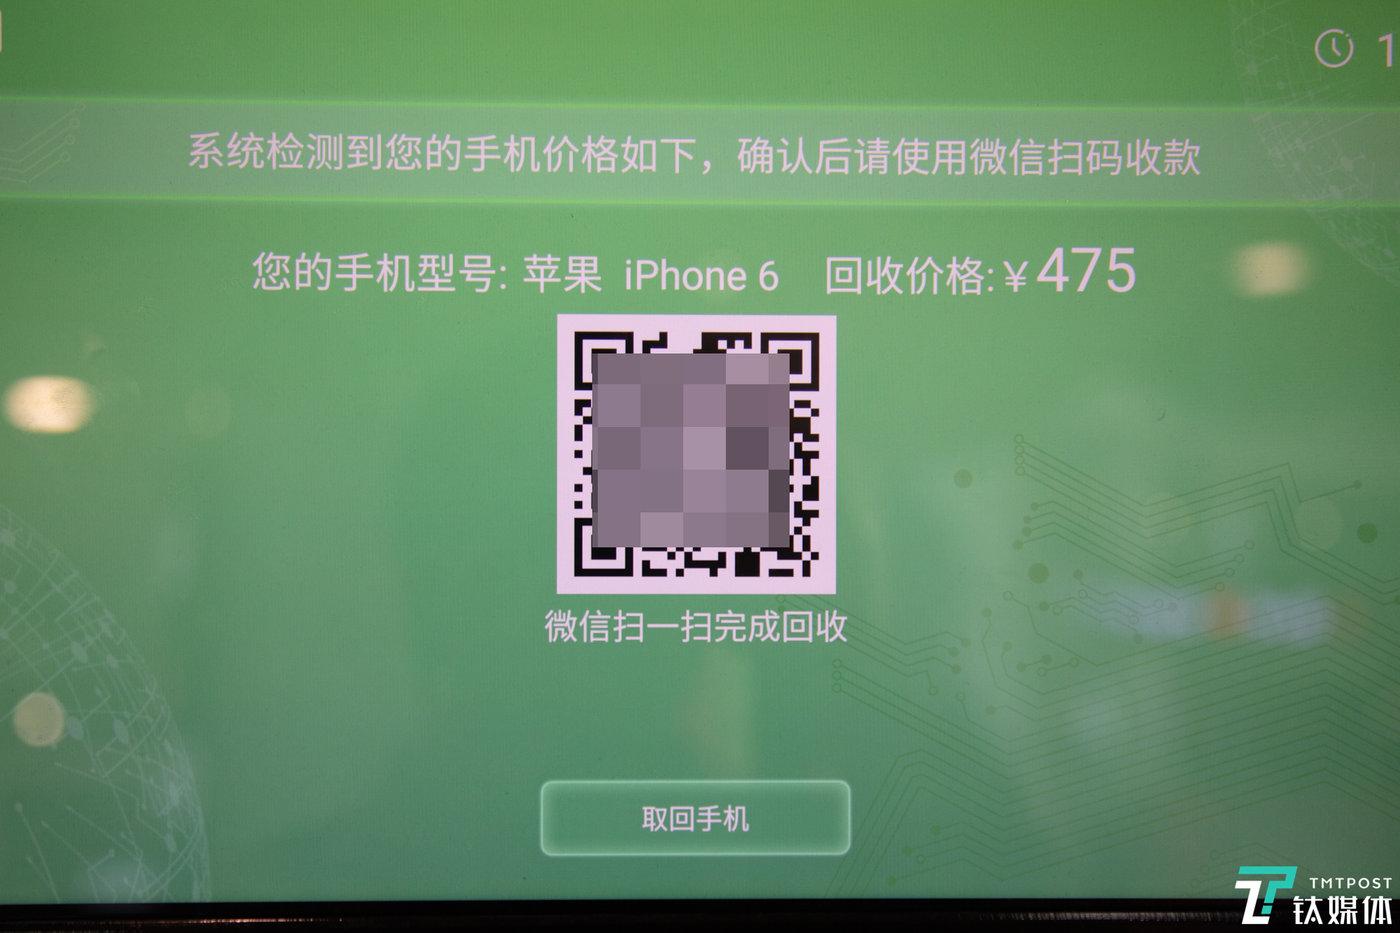 扫描二维码完成付款